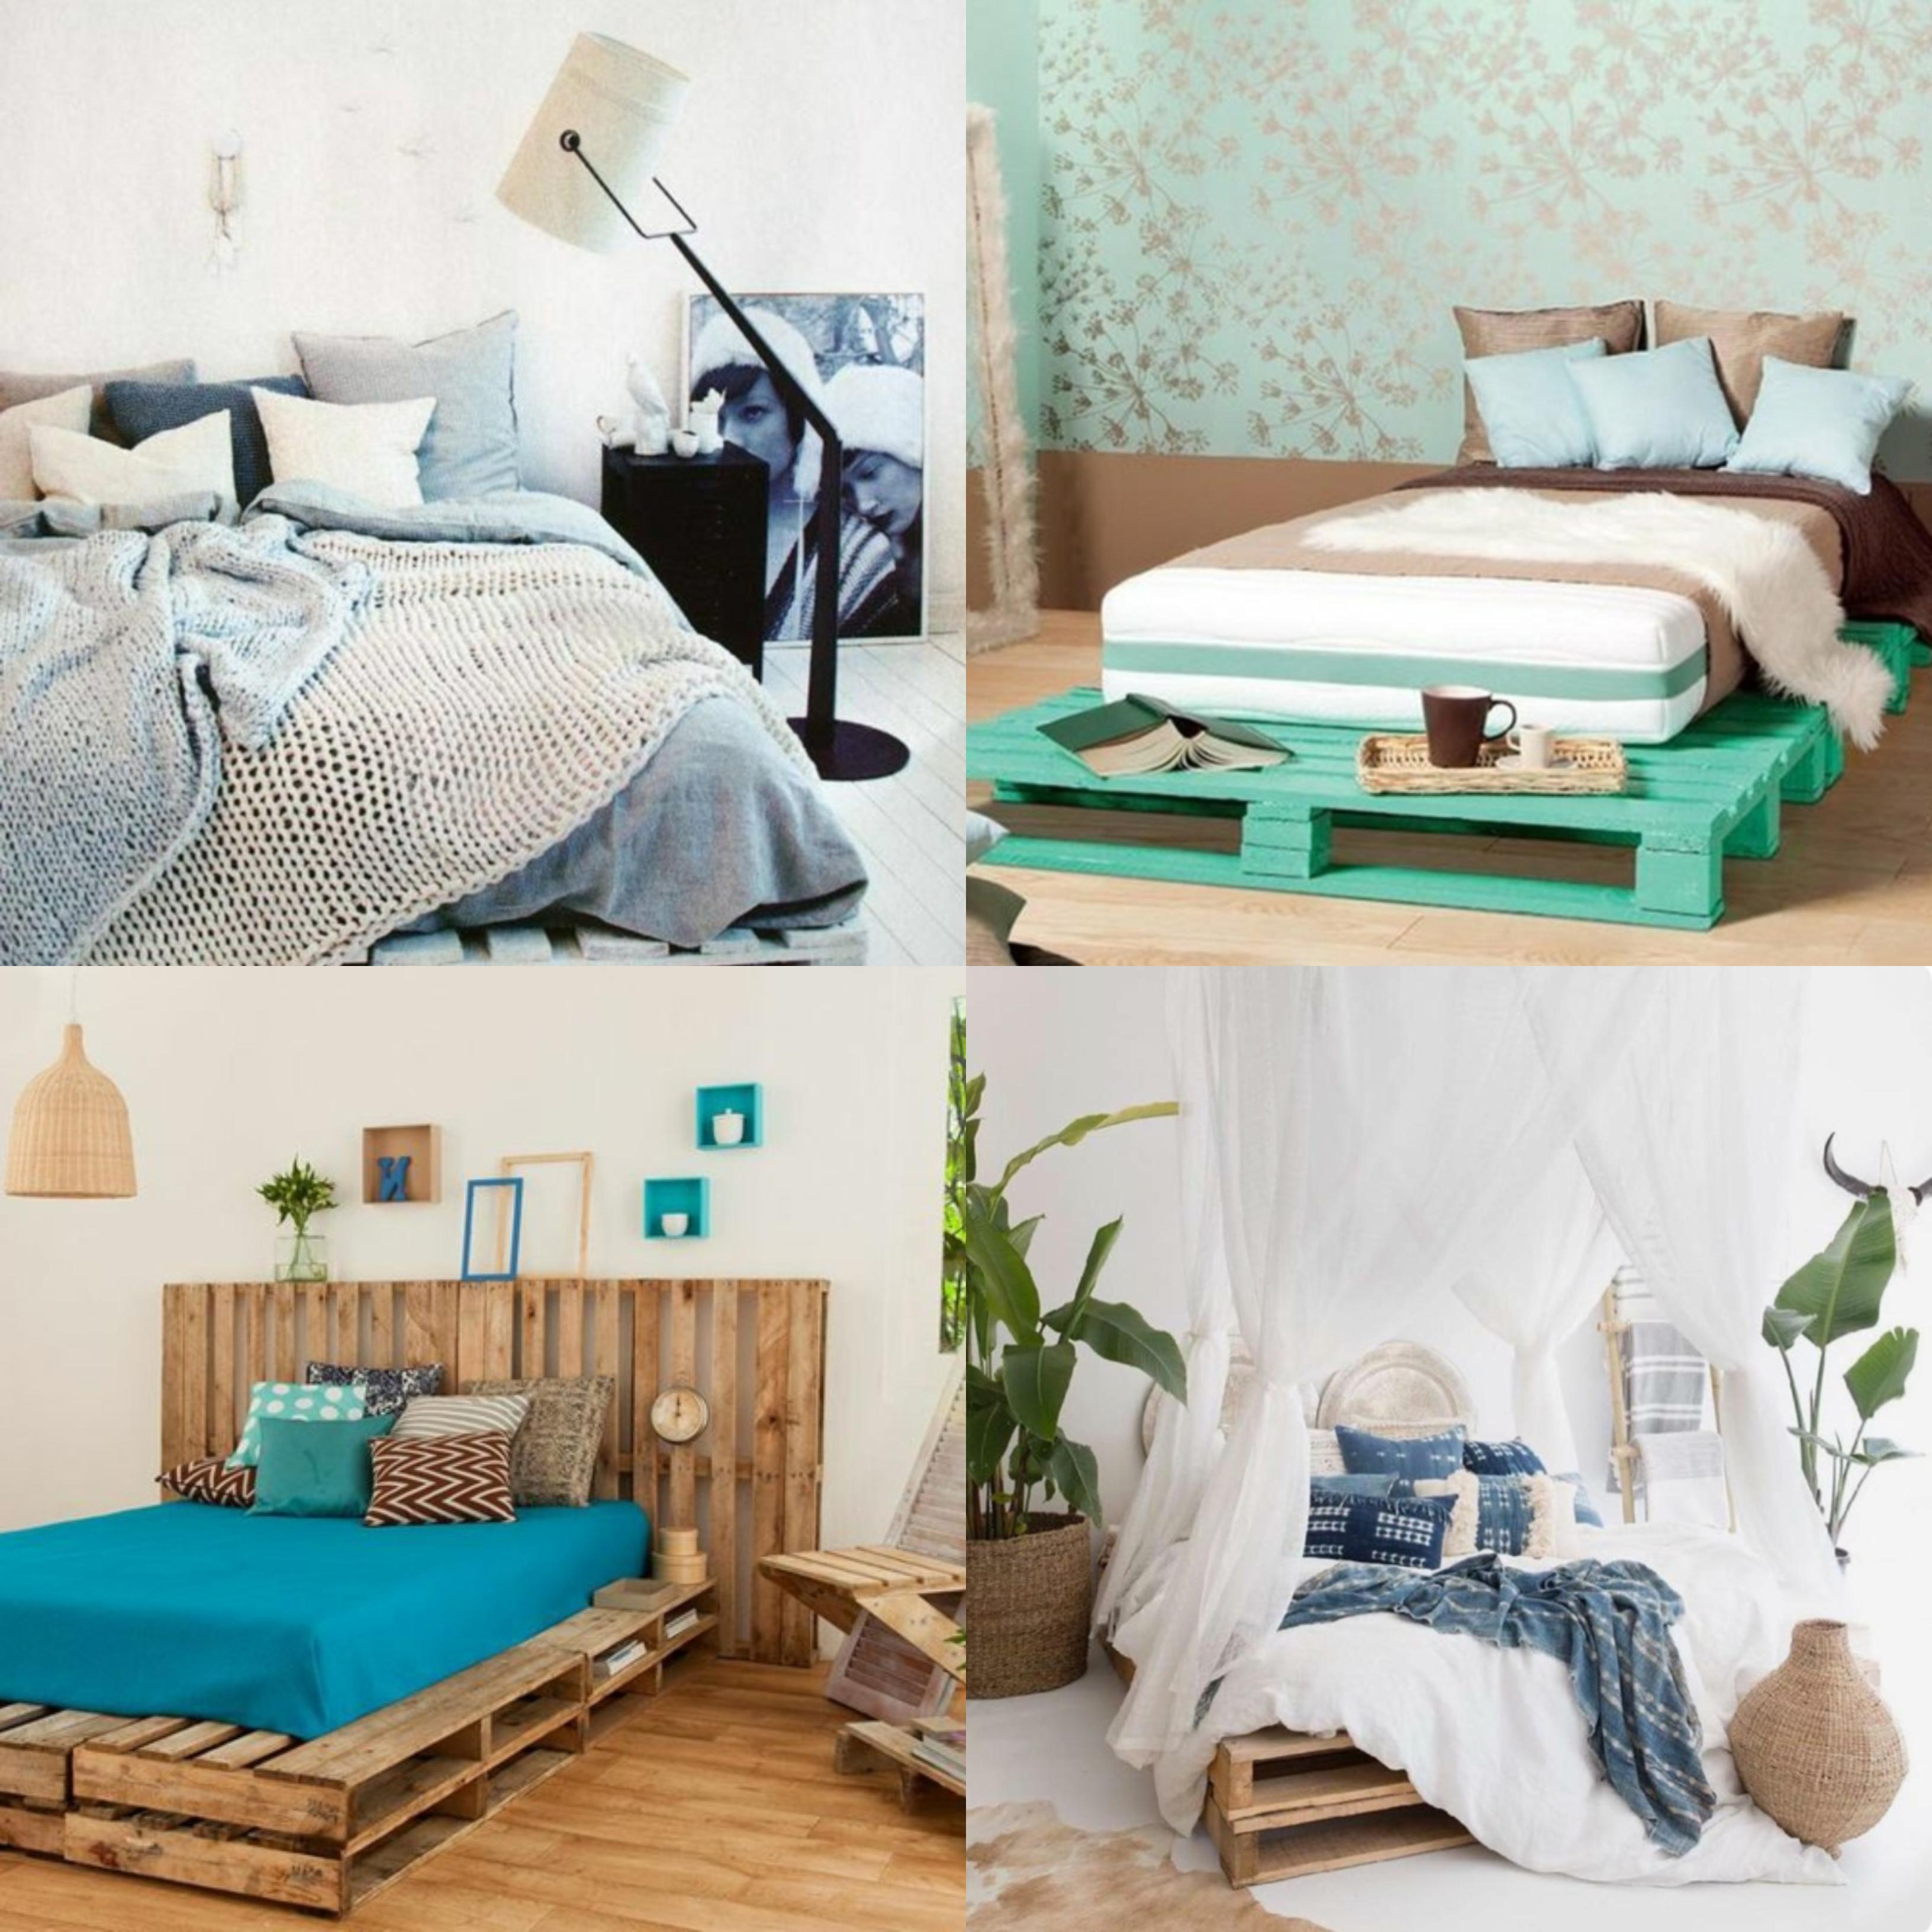 cuatro propuestas de camas con palets DIY, habitaciones decorados en colores modernos con camas DIY